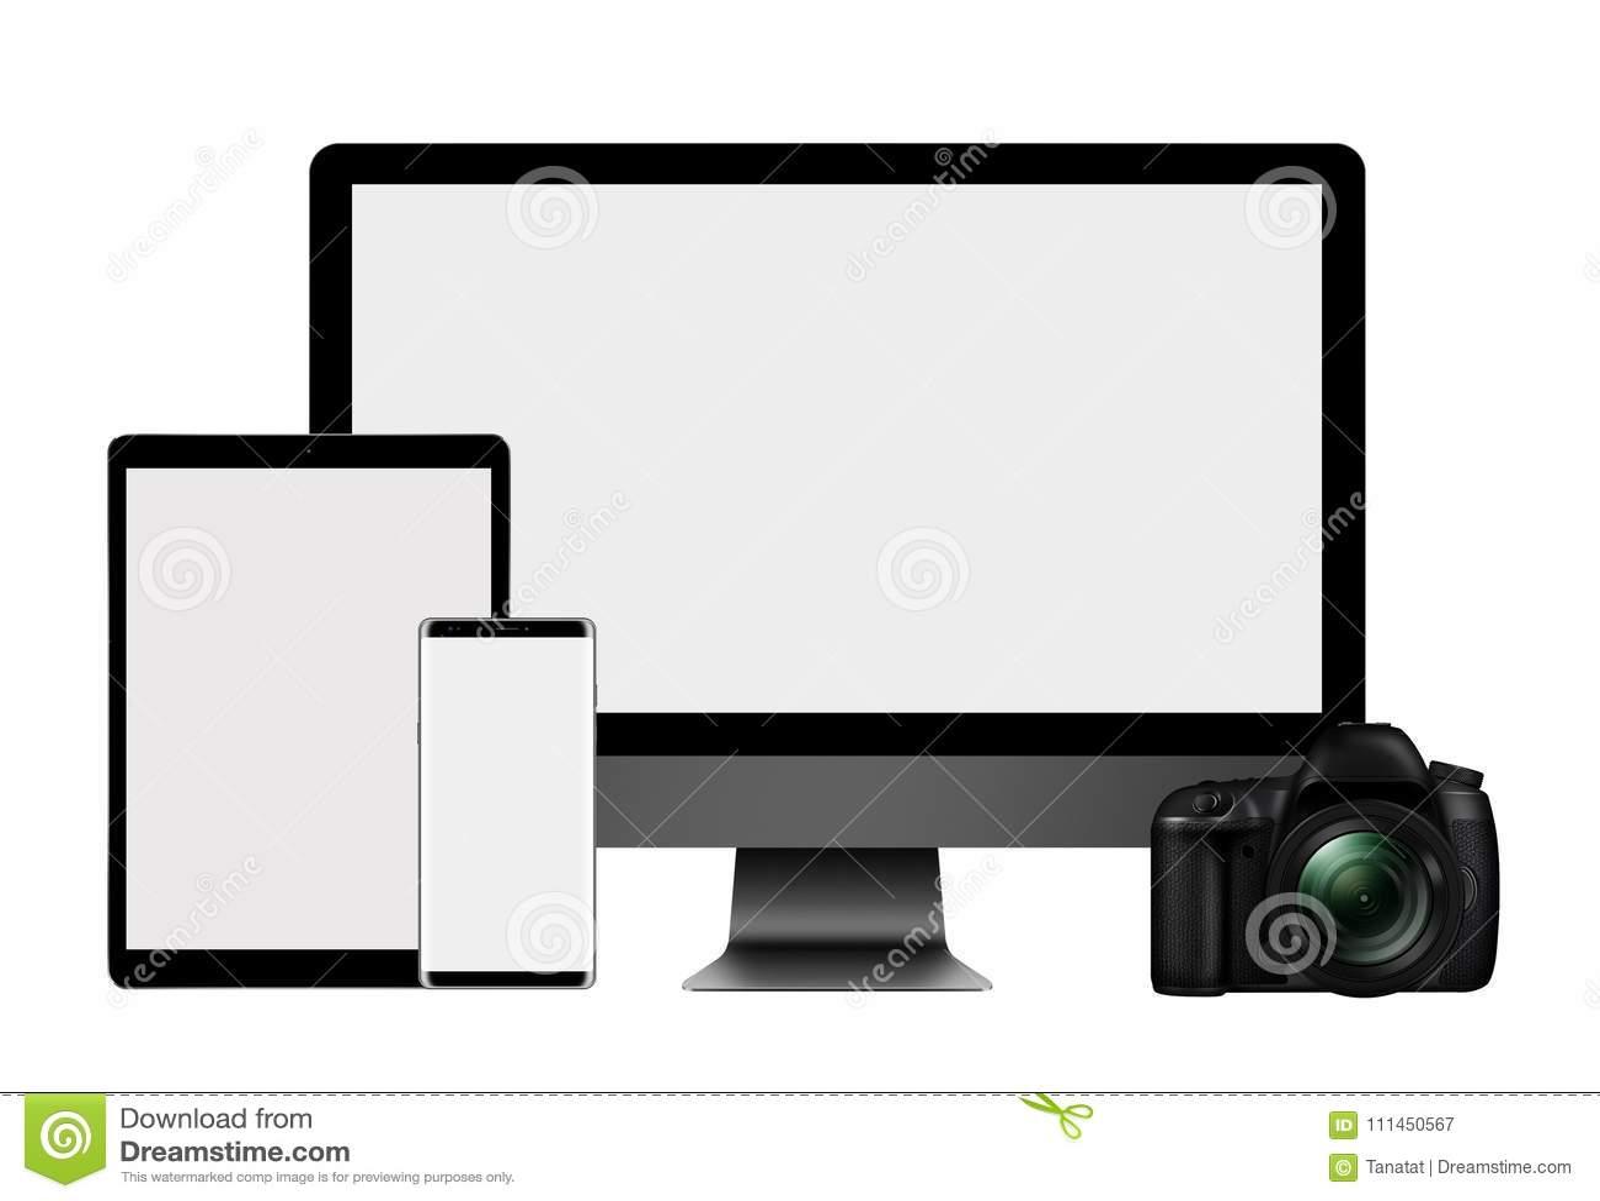 τρισδιάστατο σύνολο απεικόνισης οργάνου ελέγχου, του PC ταμπλετών, κινητού τηλεφώνου και κάμερας DSLR